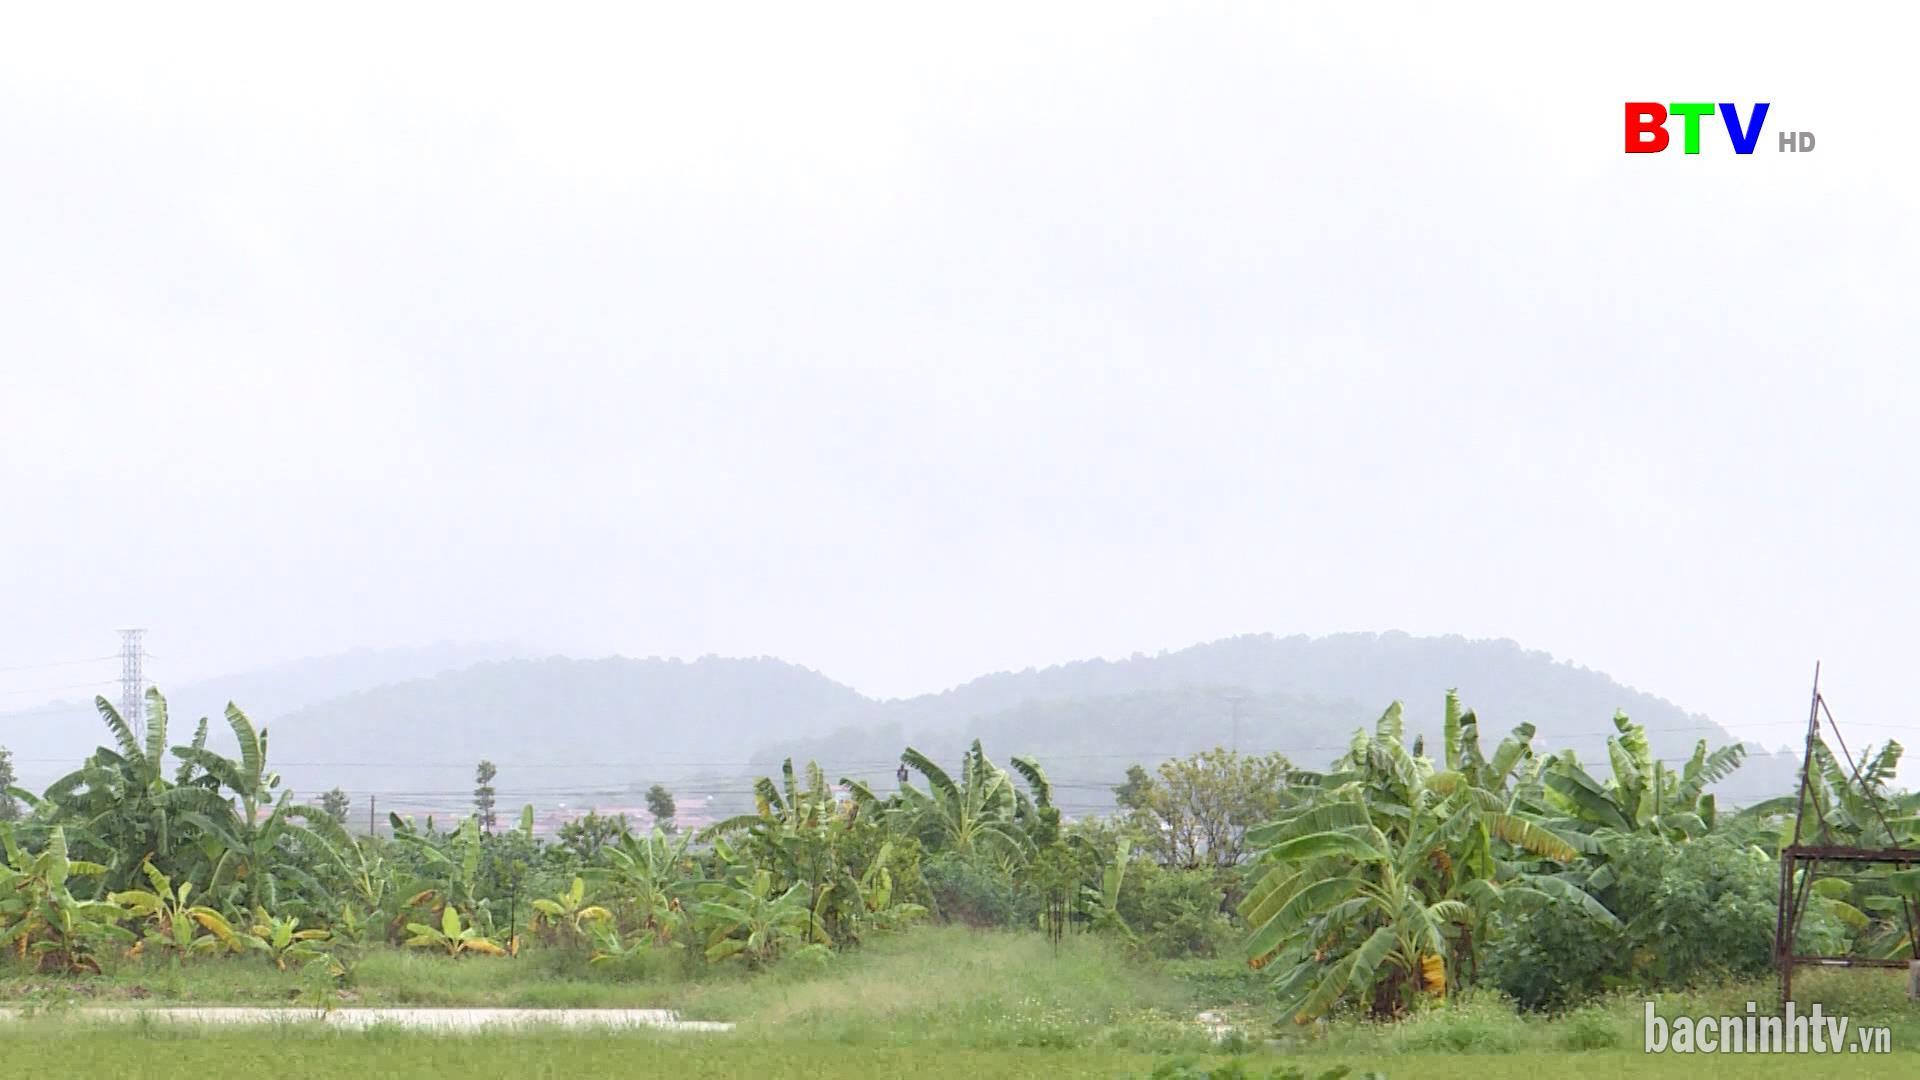 Chủ động ứng phó với mưa, lũ do ảnh hưởng của hoàn lưu bão số 7